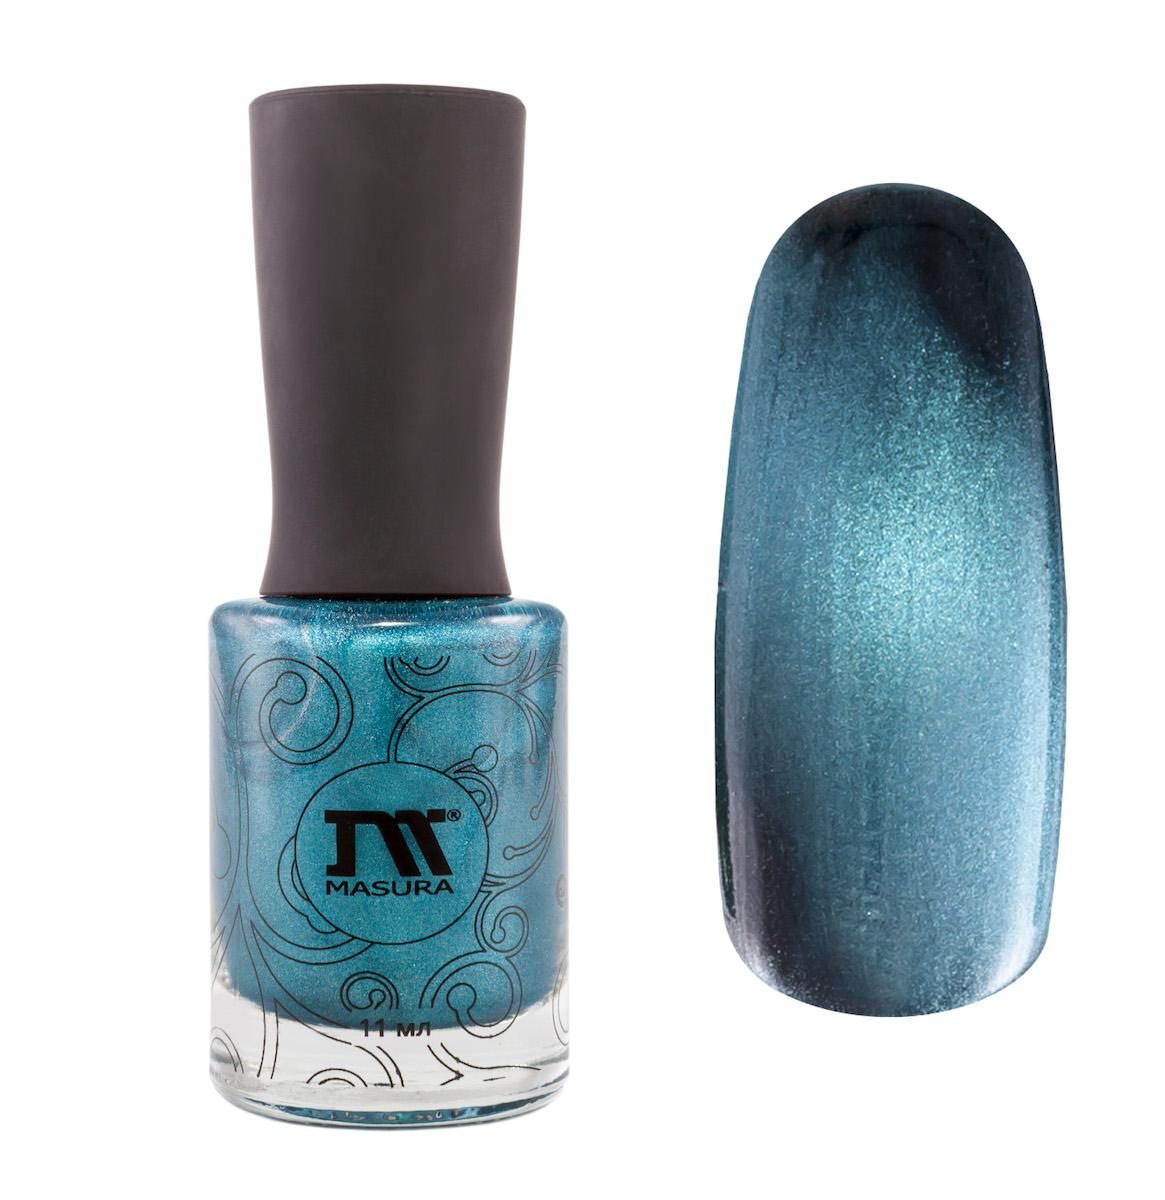 Masura Лак для ногтей Небесный Сапфир, 11 мл6небесно-синий